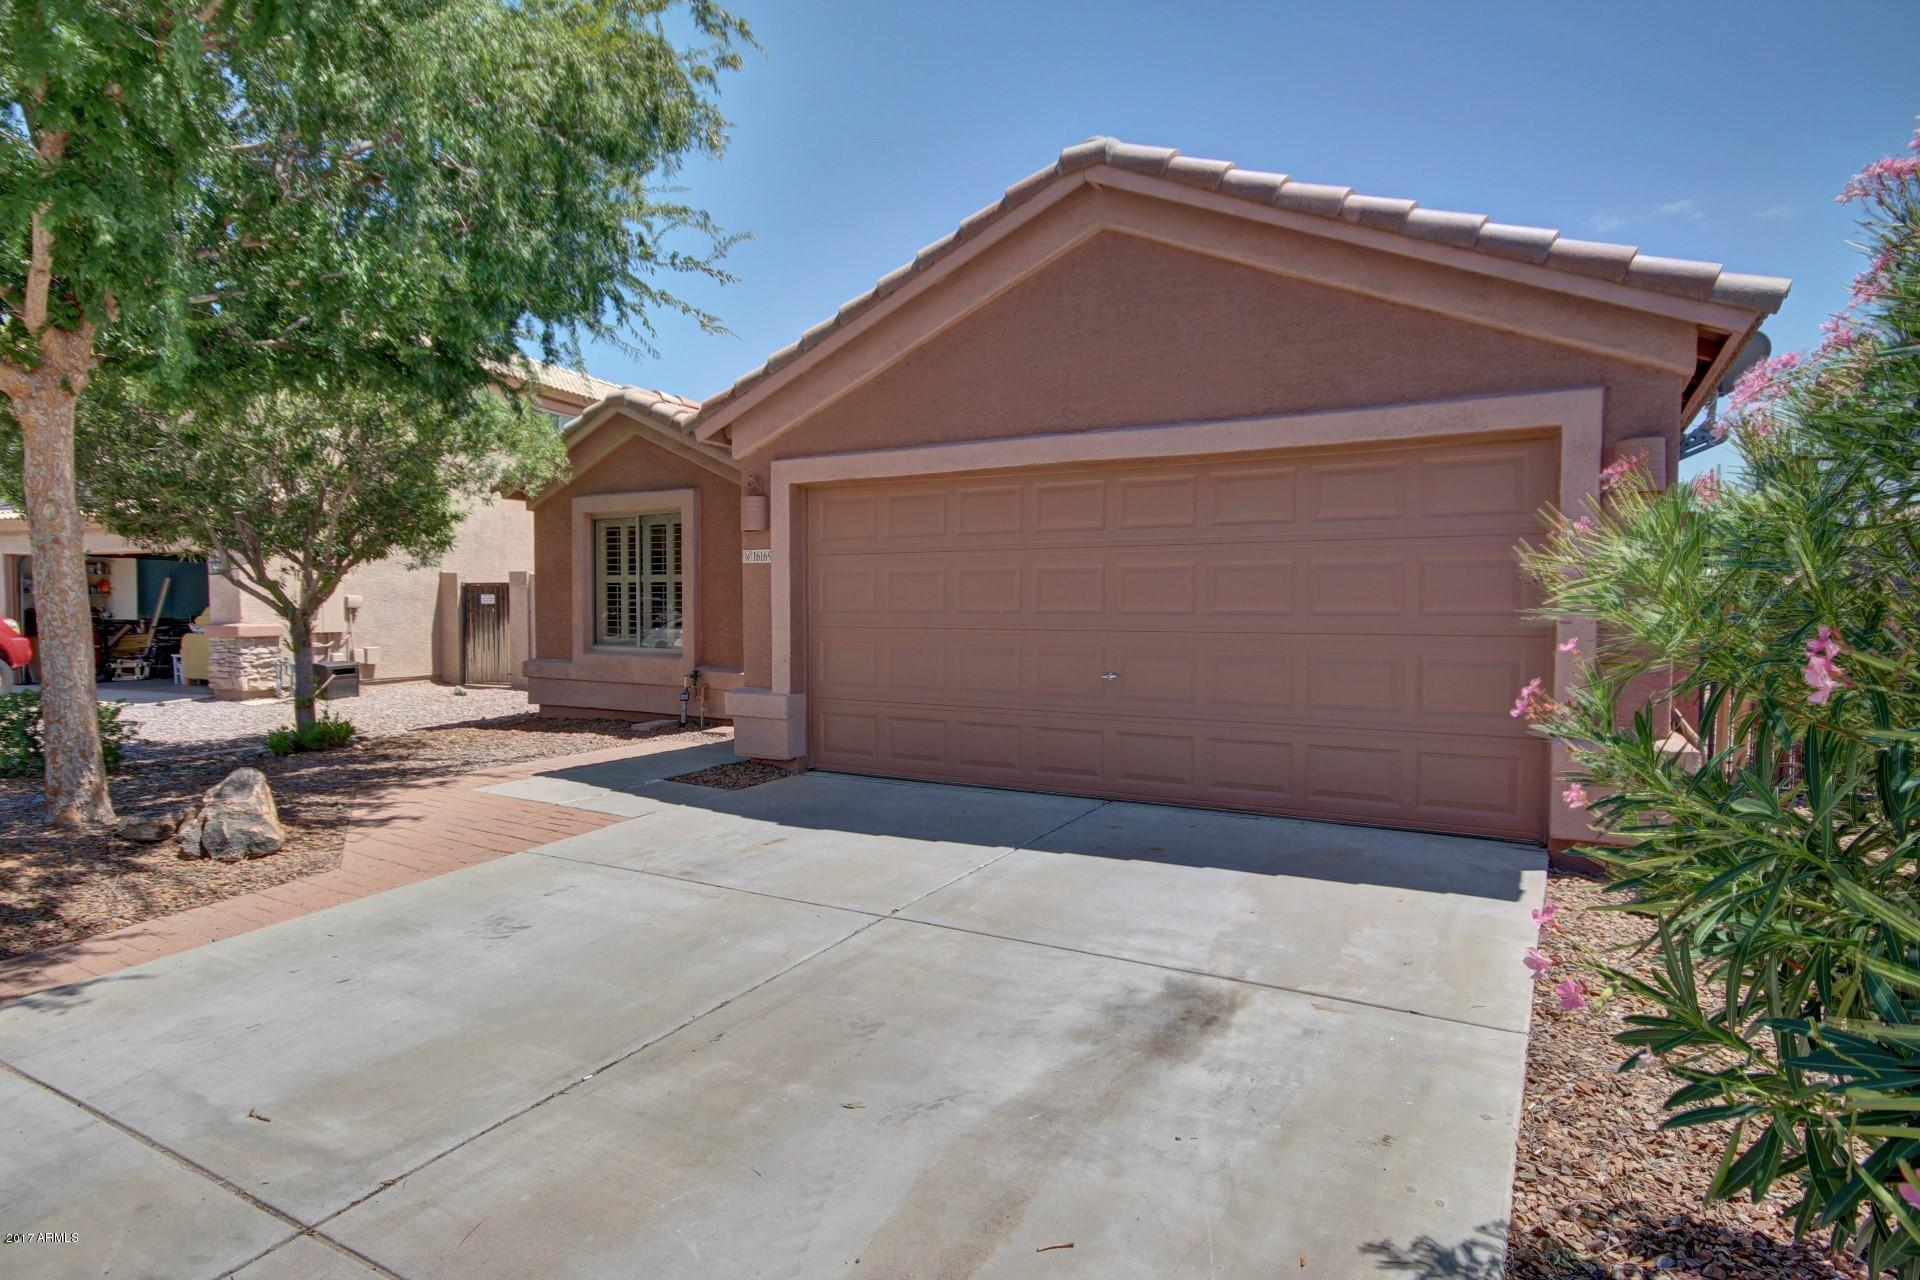 16169 W Davis  Road Surprise, AZ 85374 - img3